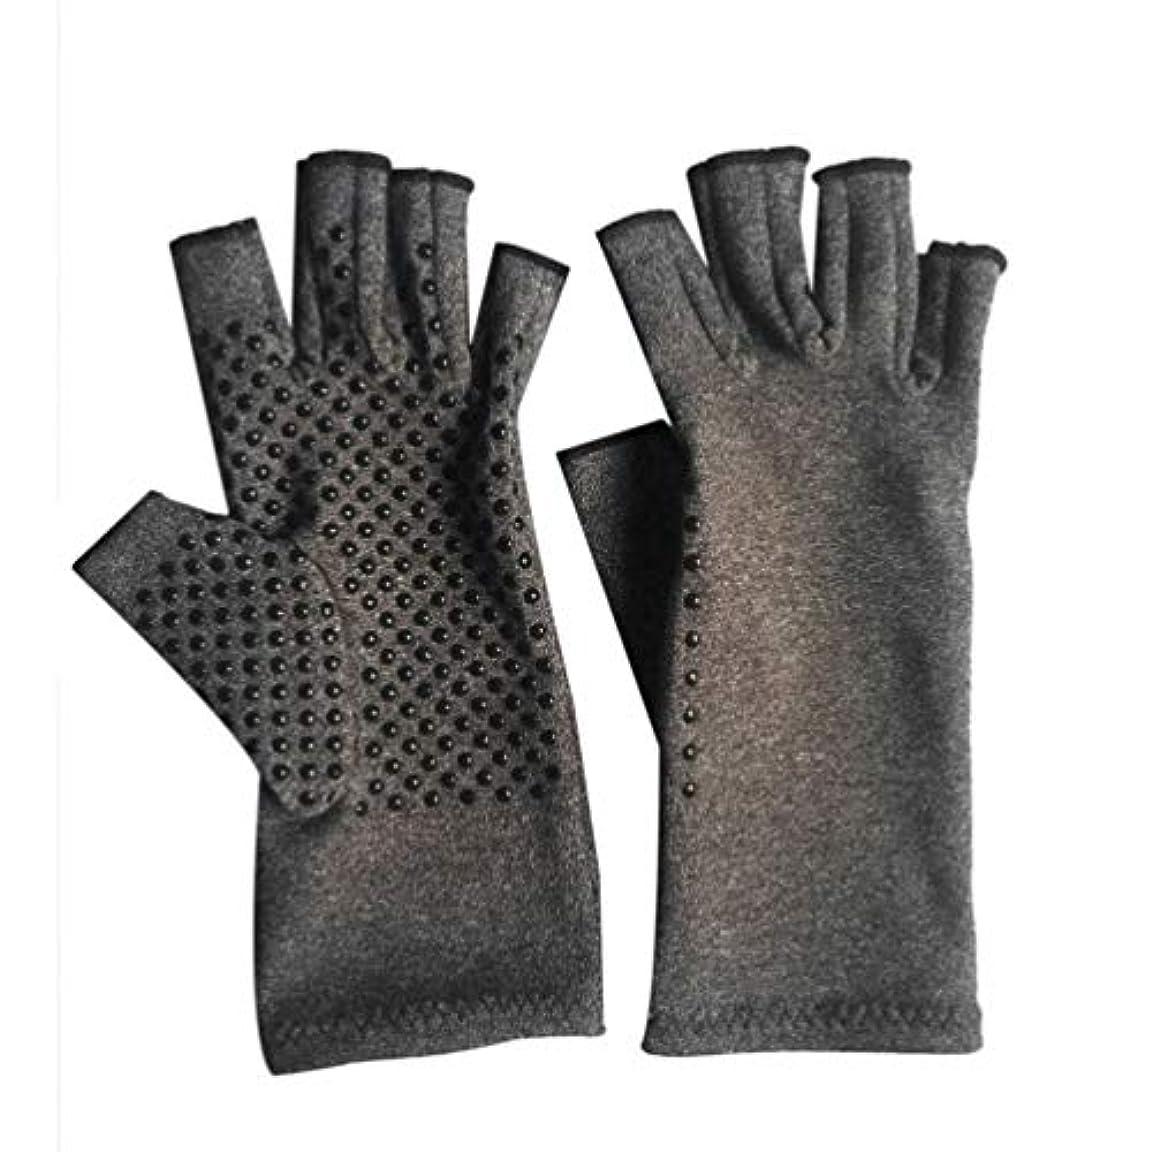 観光に行く擬人亜熱帯1ペアユニセックス男性女性療法圧縮手袋関節炎関節痛緩和ヘルスケア半指手袋トレーニング手袋 - グレーM